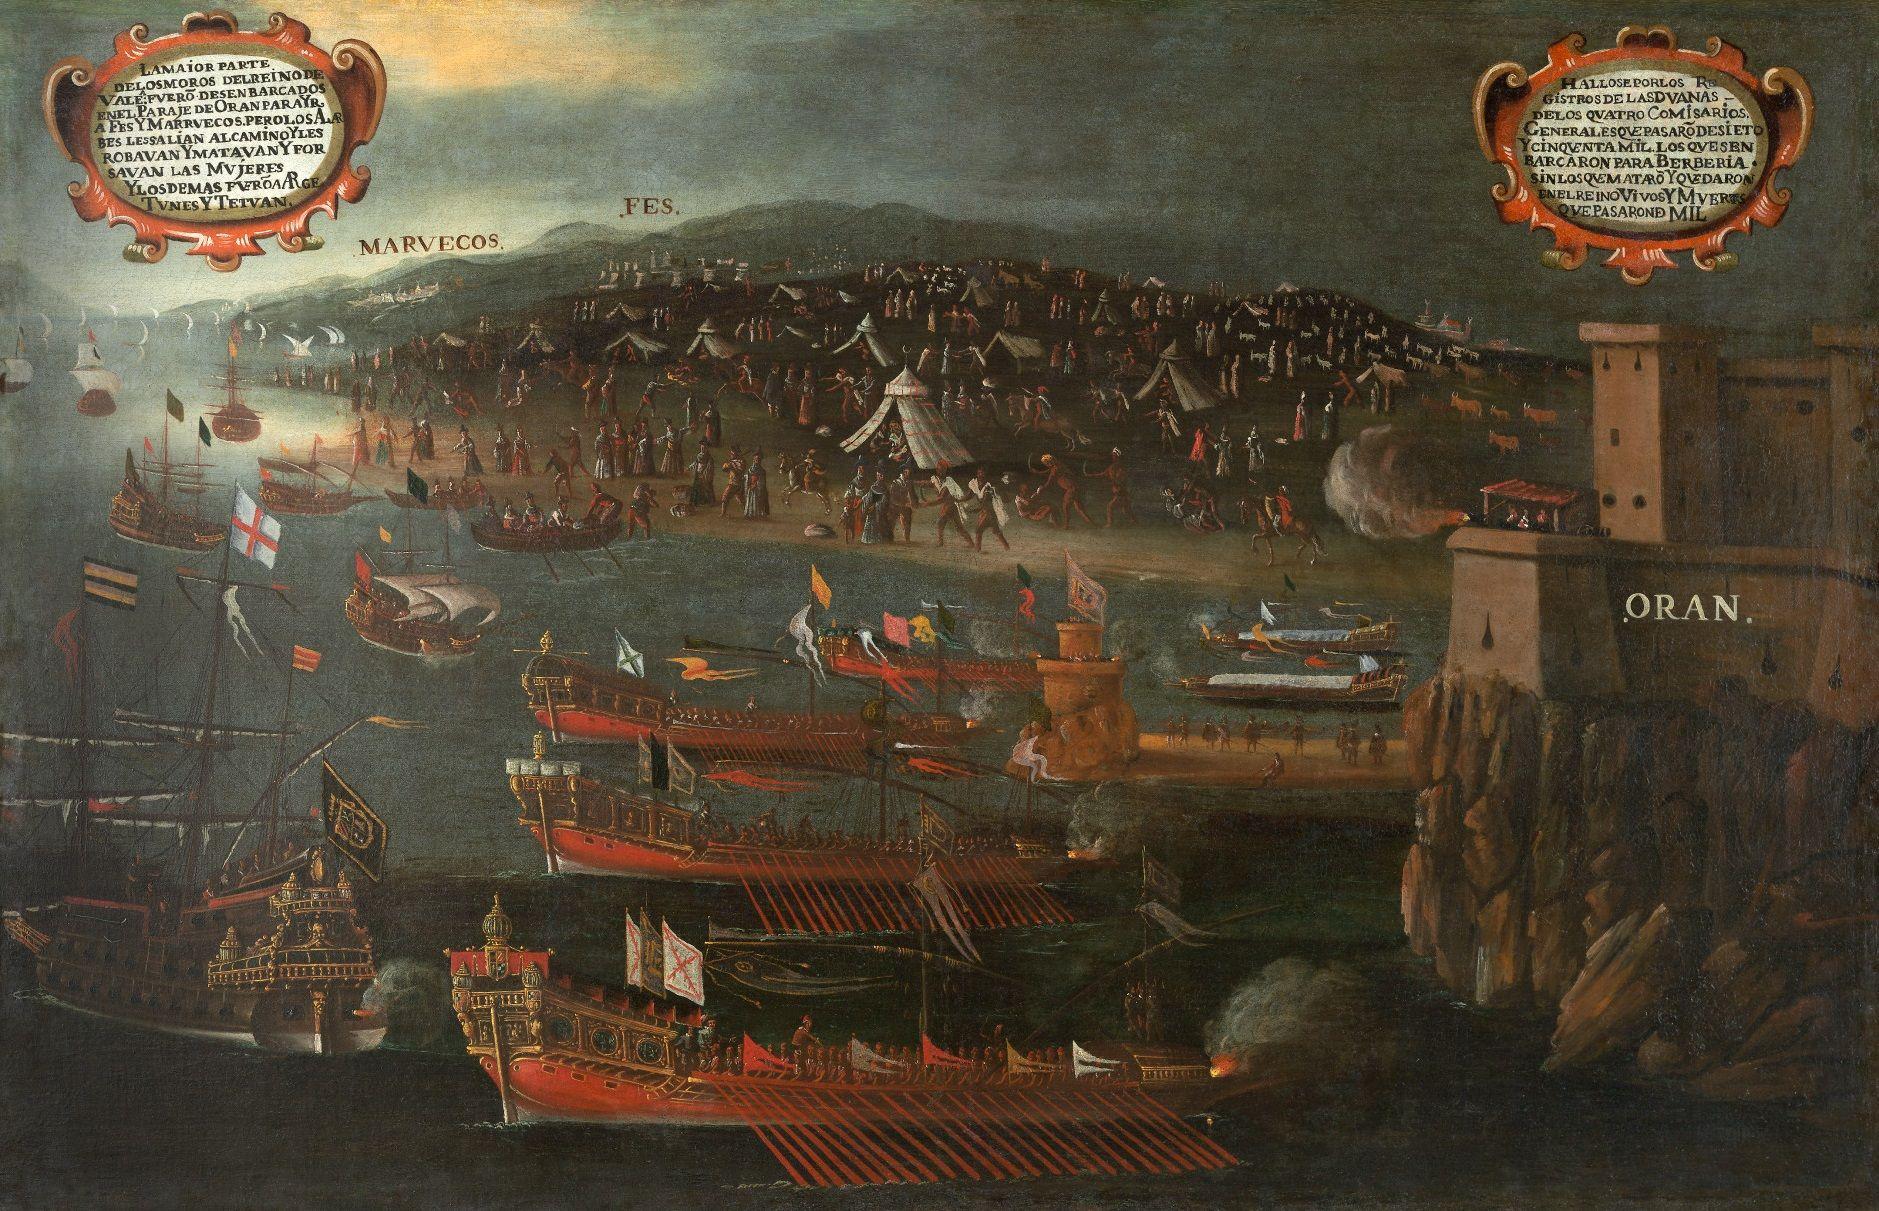 Desembarco de los moriscos en el puerto de Orán